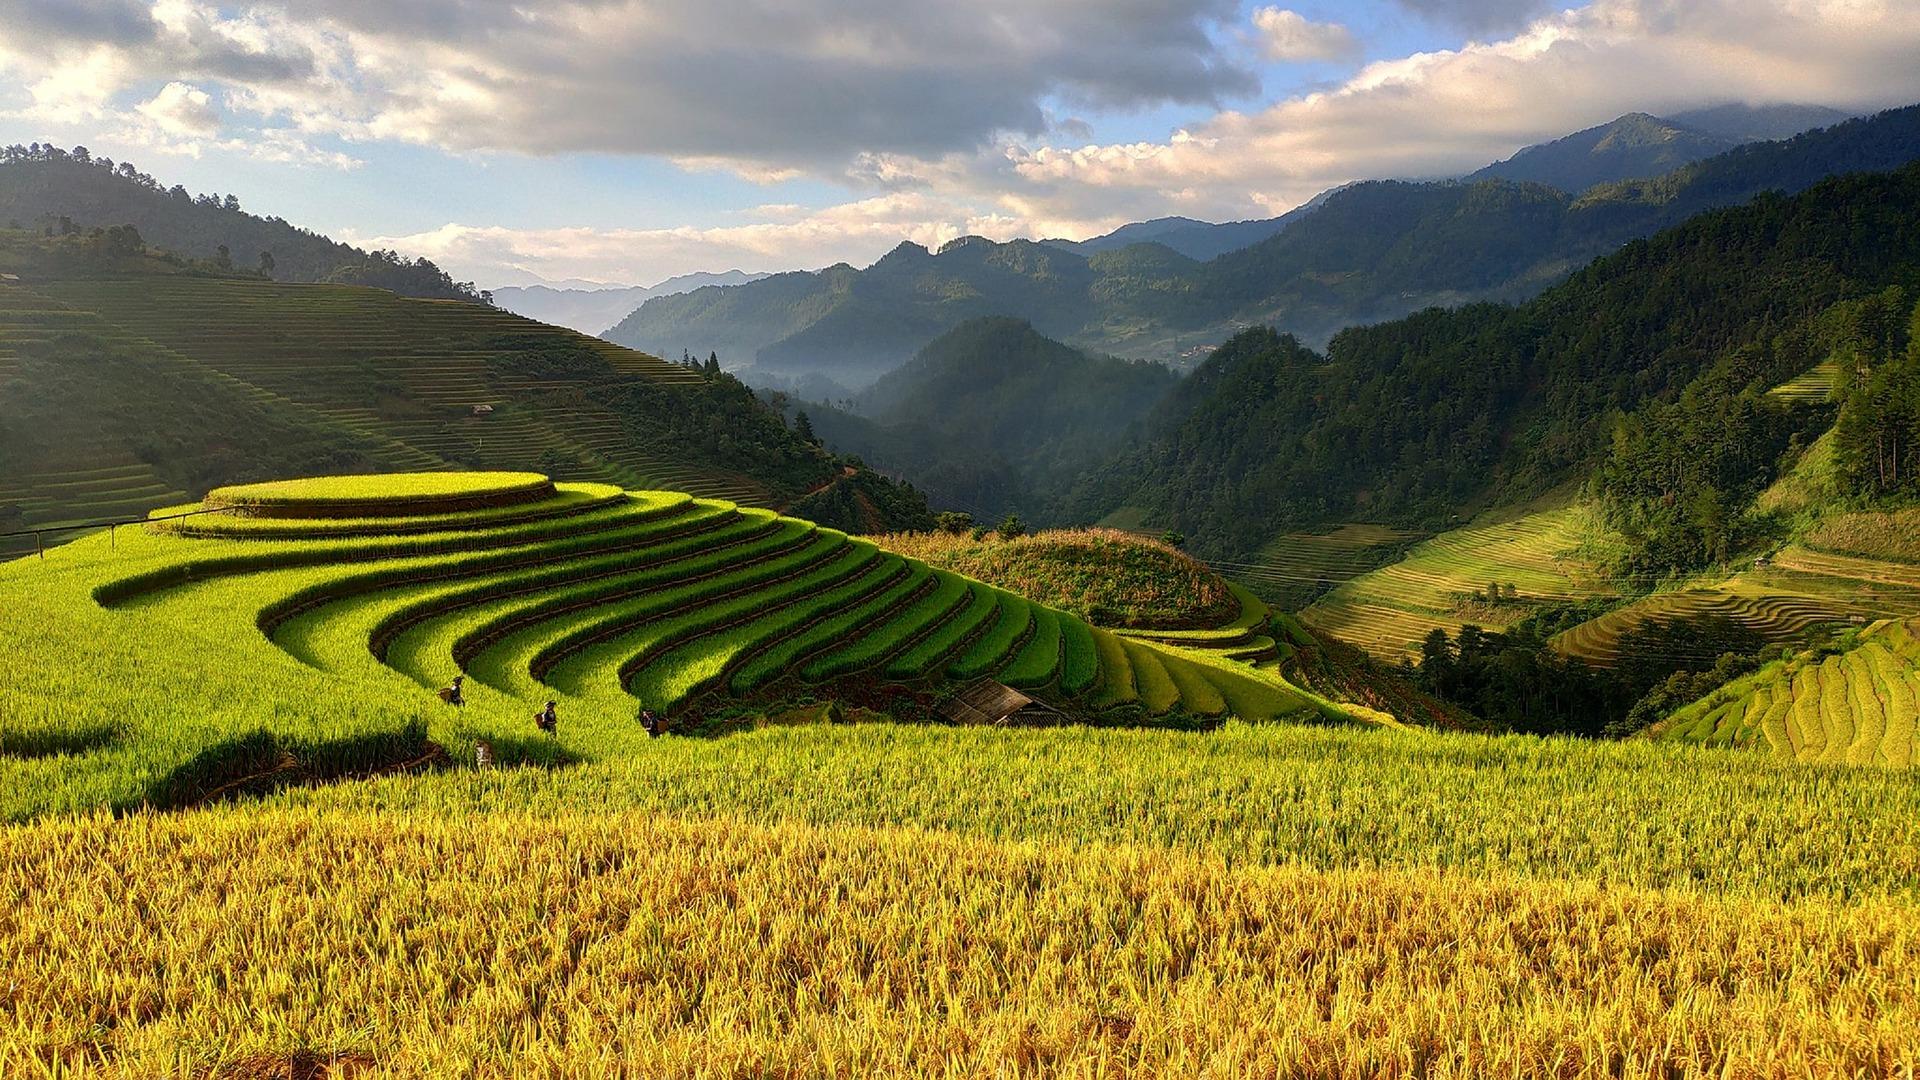 Podróż przez dżunglę, wodospady i pola ryżowe 29